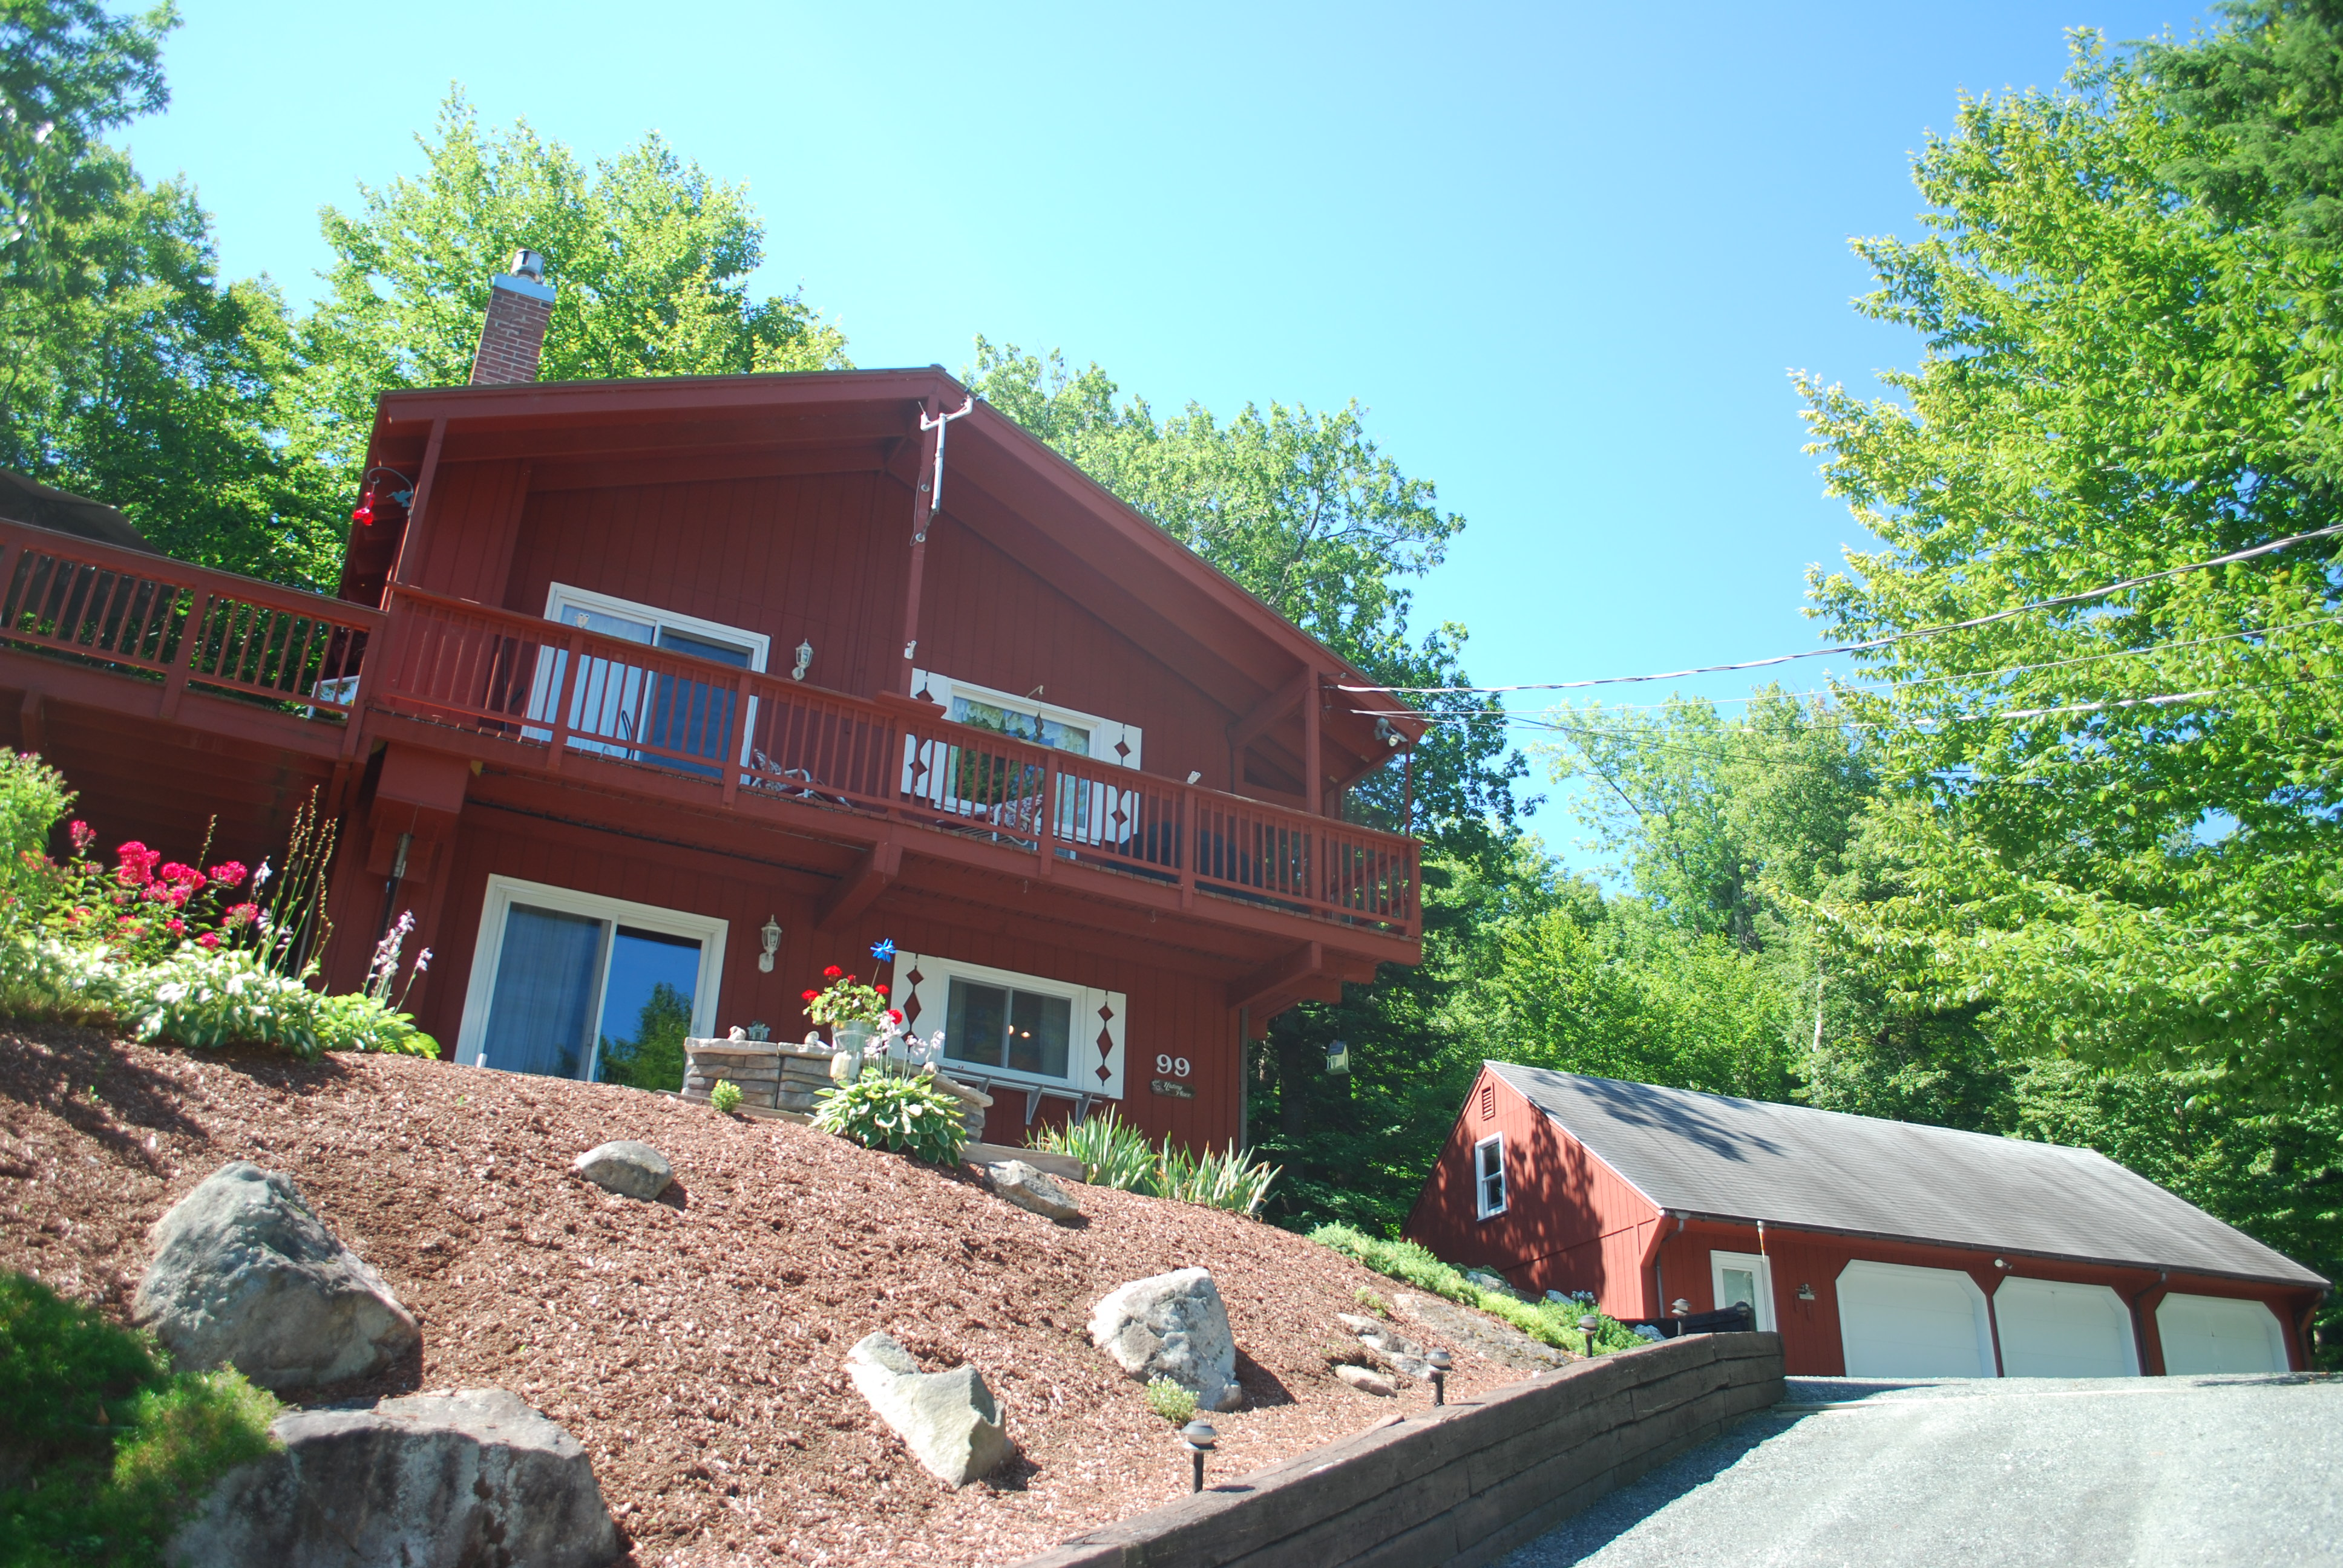 Частный односемейный дом для того Продажа на 99 Gerald Dr, Newbury Newbury, Нью-Гэмпшир, 03255 Соединенные Штаты